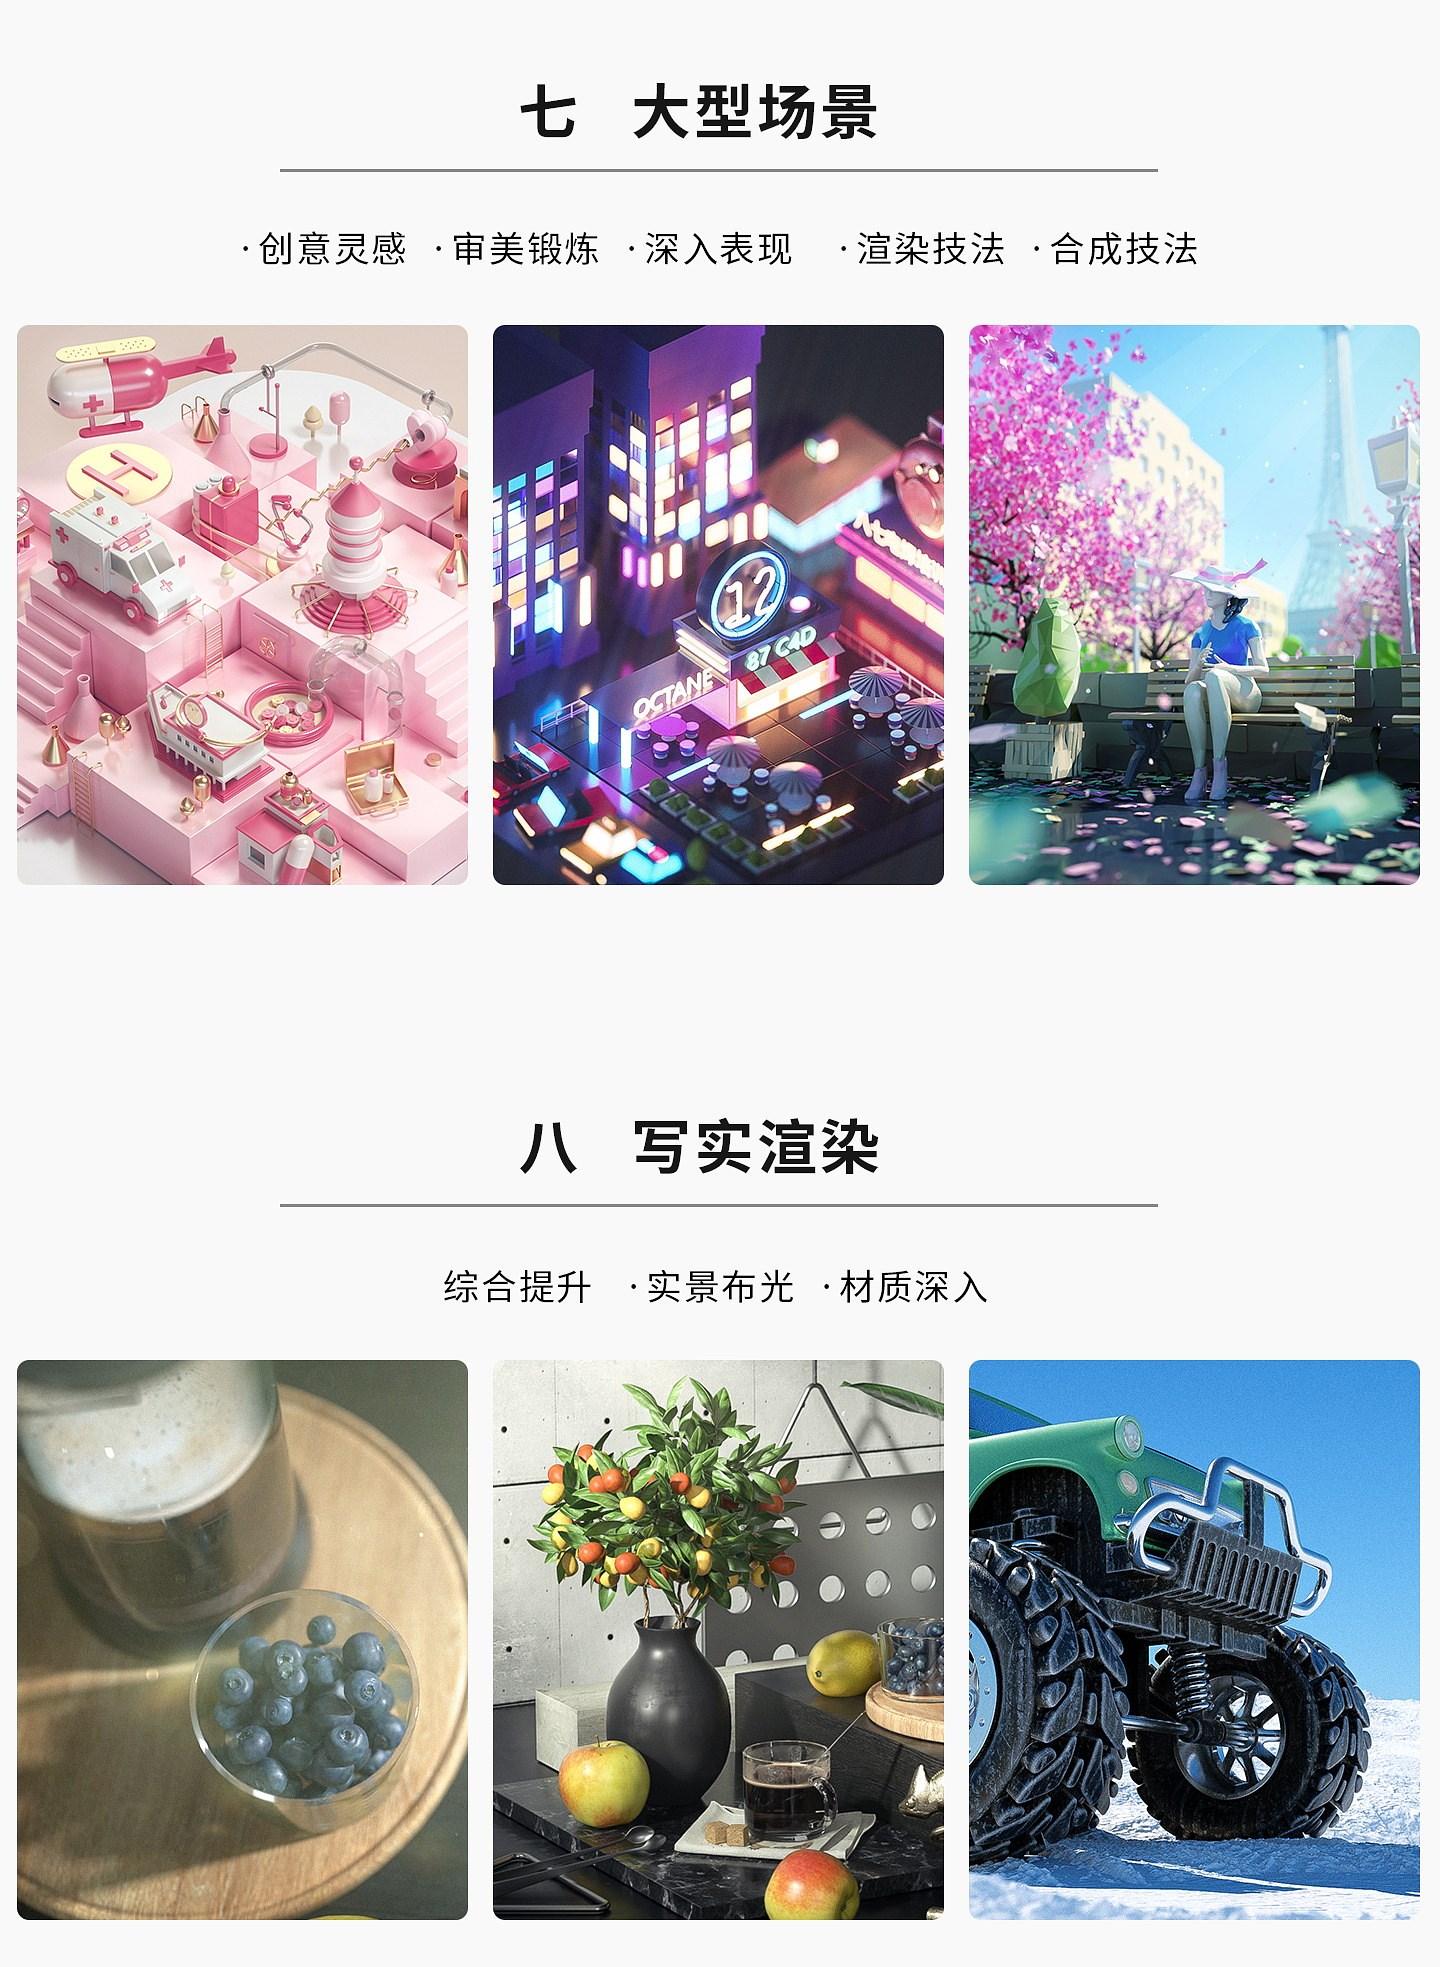 a06_看图王.jpg